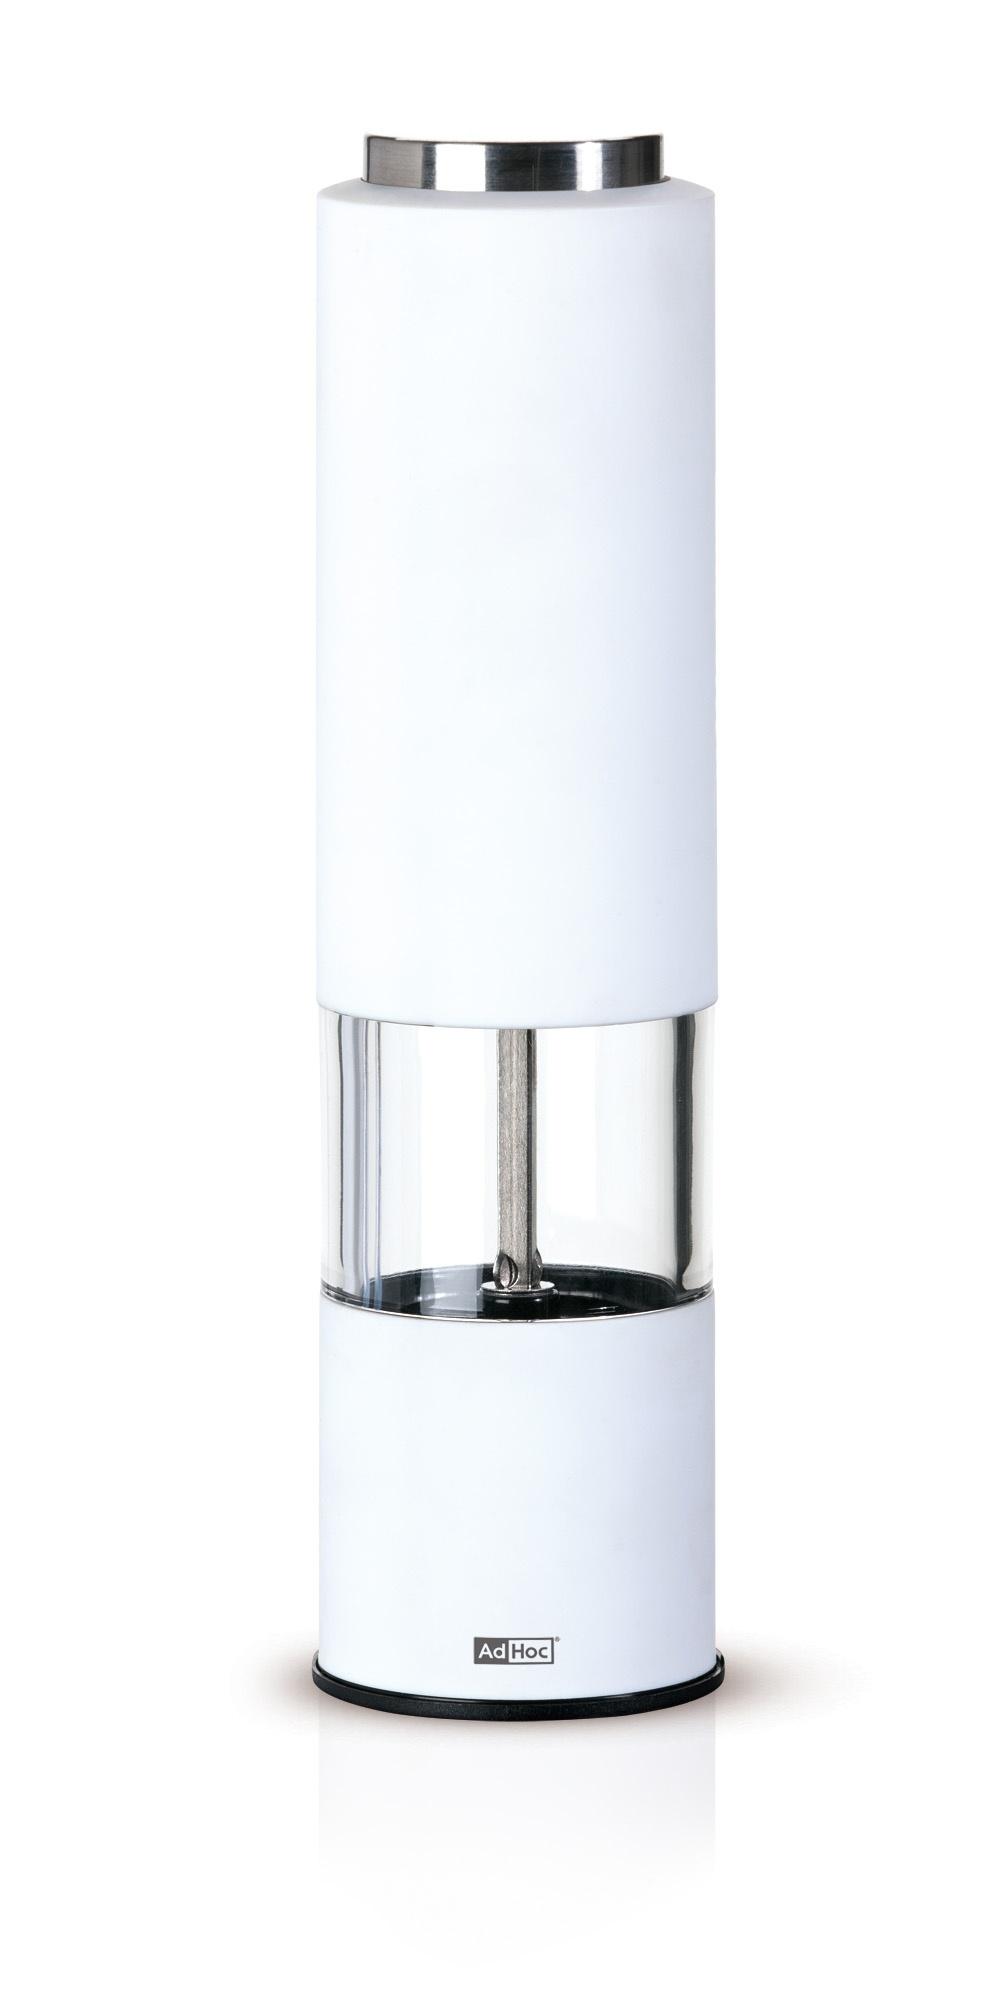 Adhoc Tropica Peper- of Zoutmolen Elektrisch met LED Verlichting